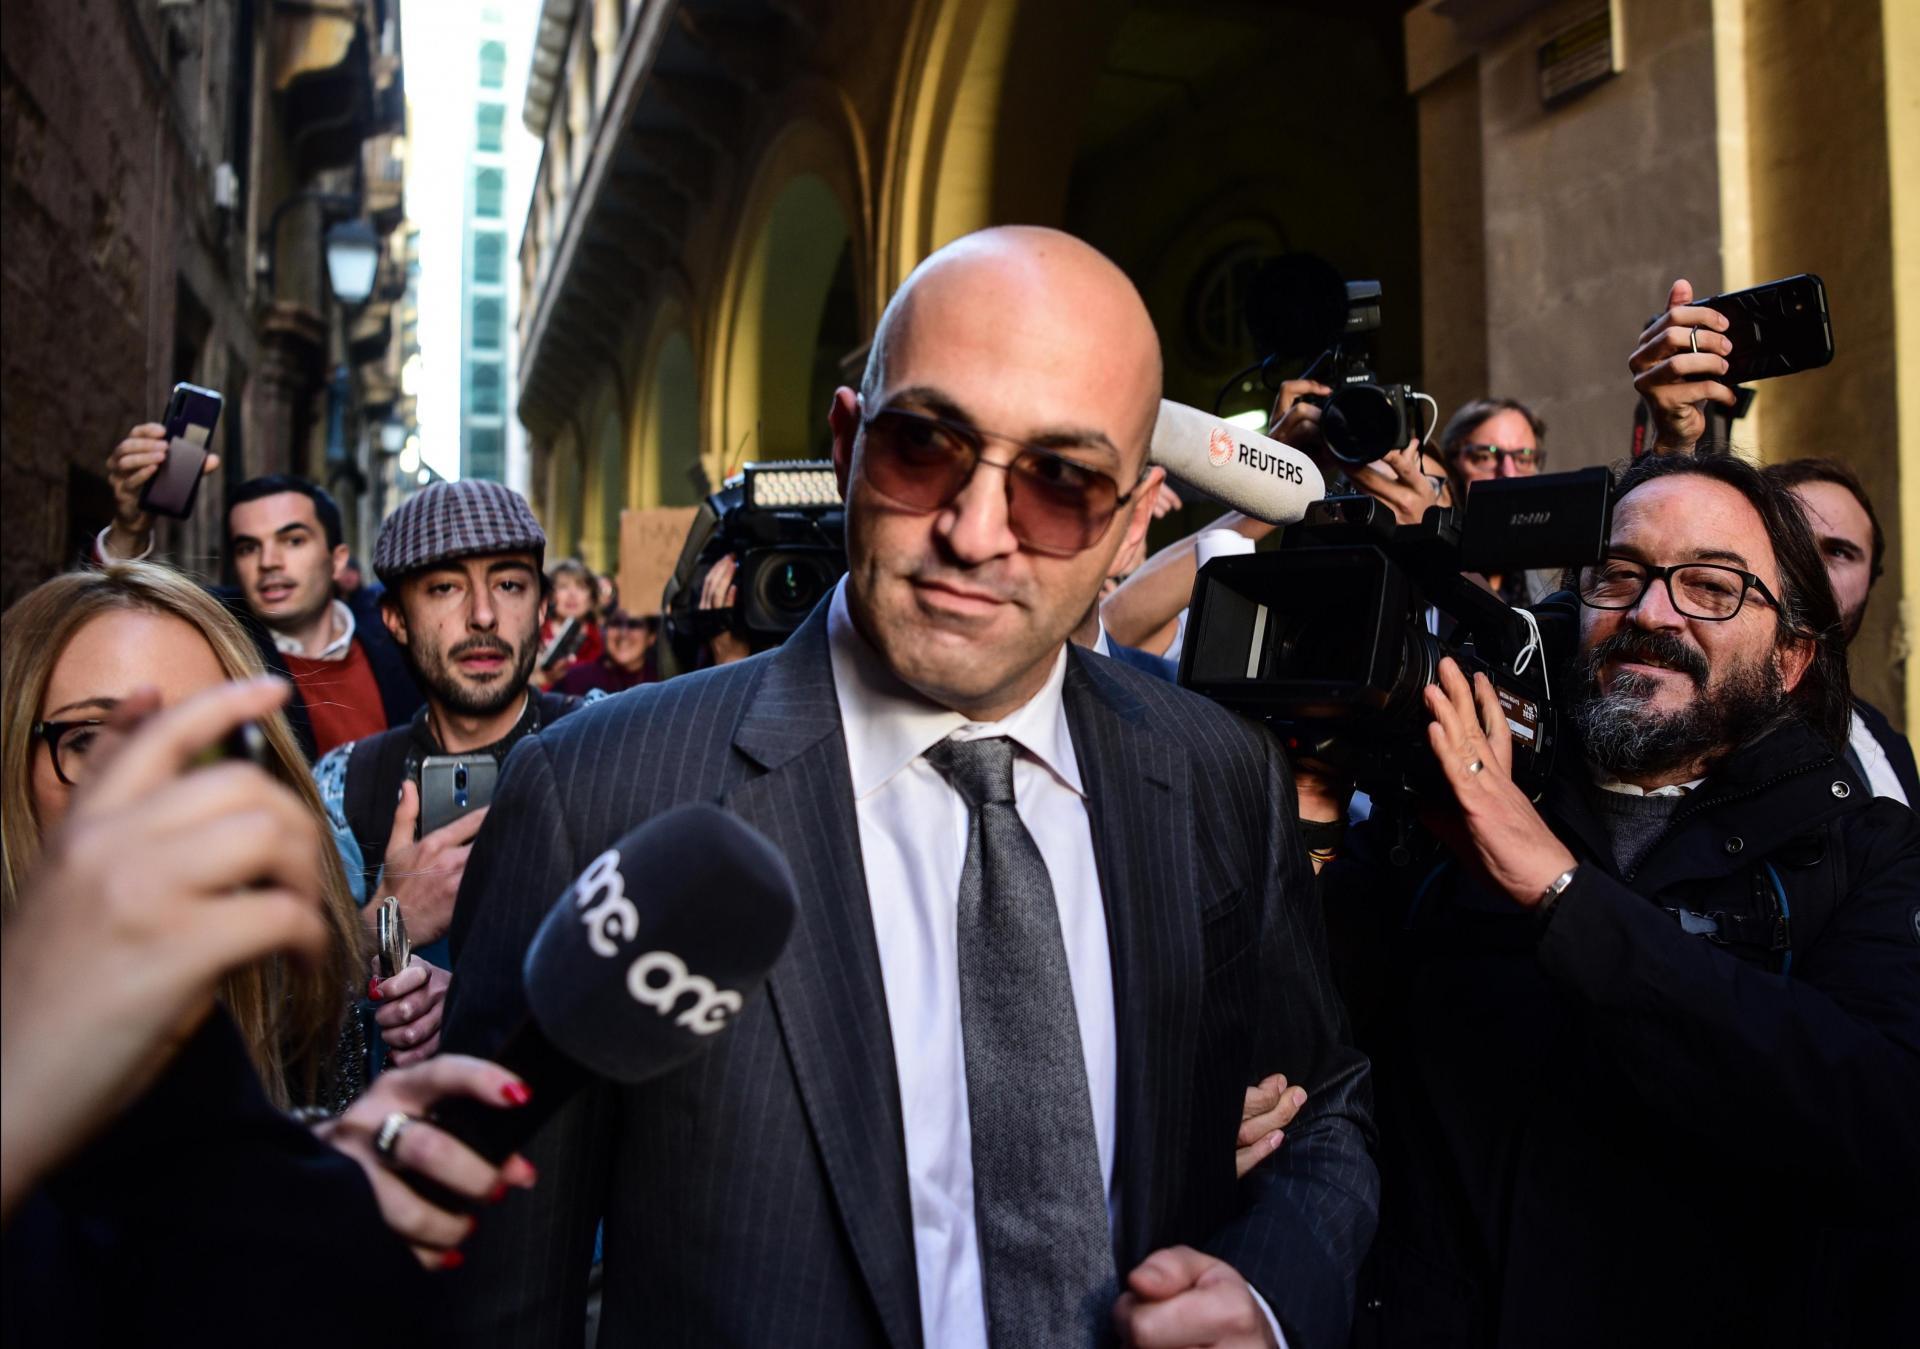 Yorgen Fenech, the alleged mastermind of the Daphne Caruana Galizia murder plot, has told investigators Keith Schembri was also involved. Photo: Mark Zammit Cordina